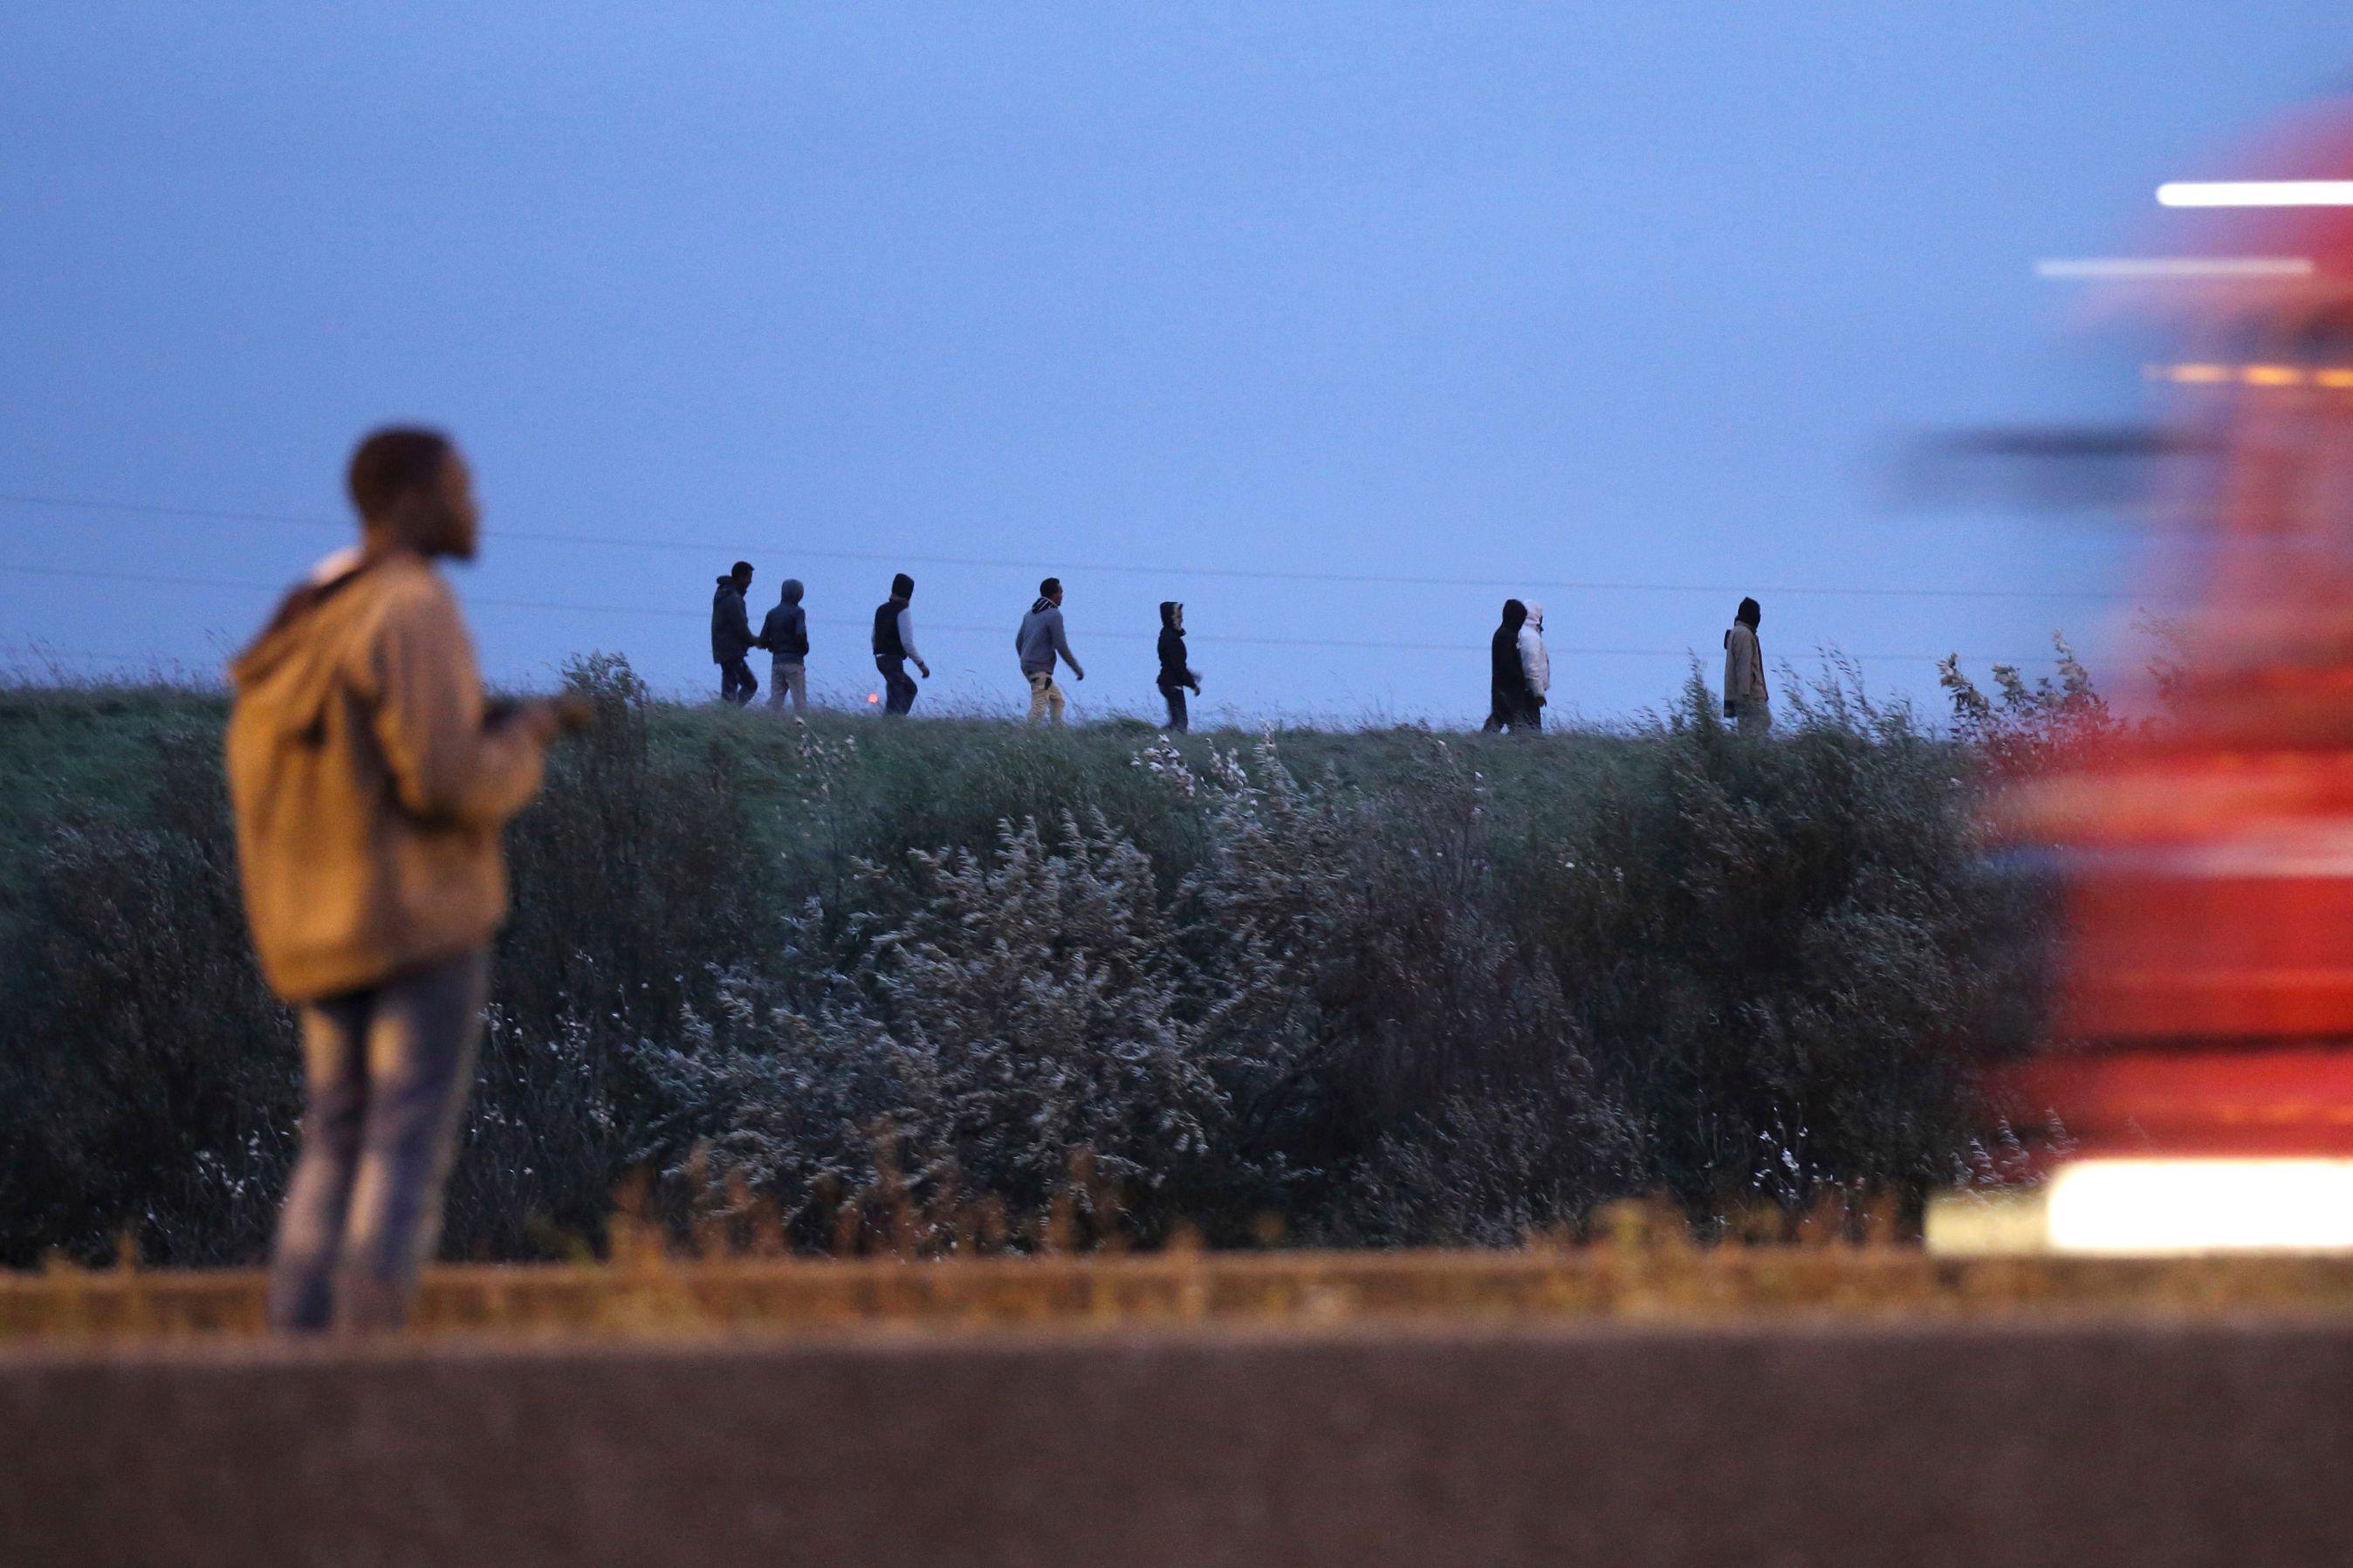 Les actes de violence anti-migrants ont une nouvelle fois secoué l'Allemagne cette semaine.